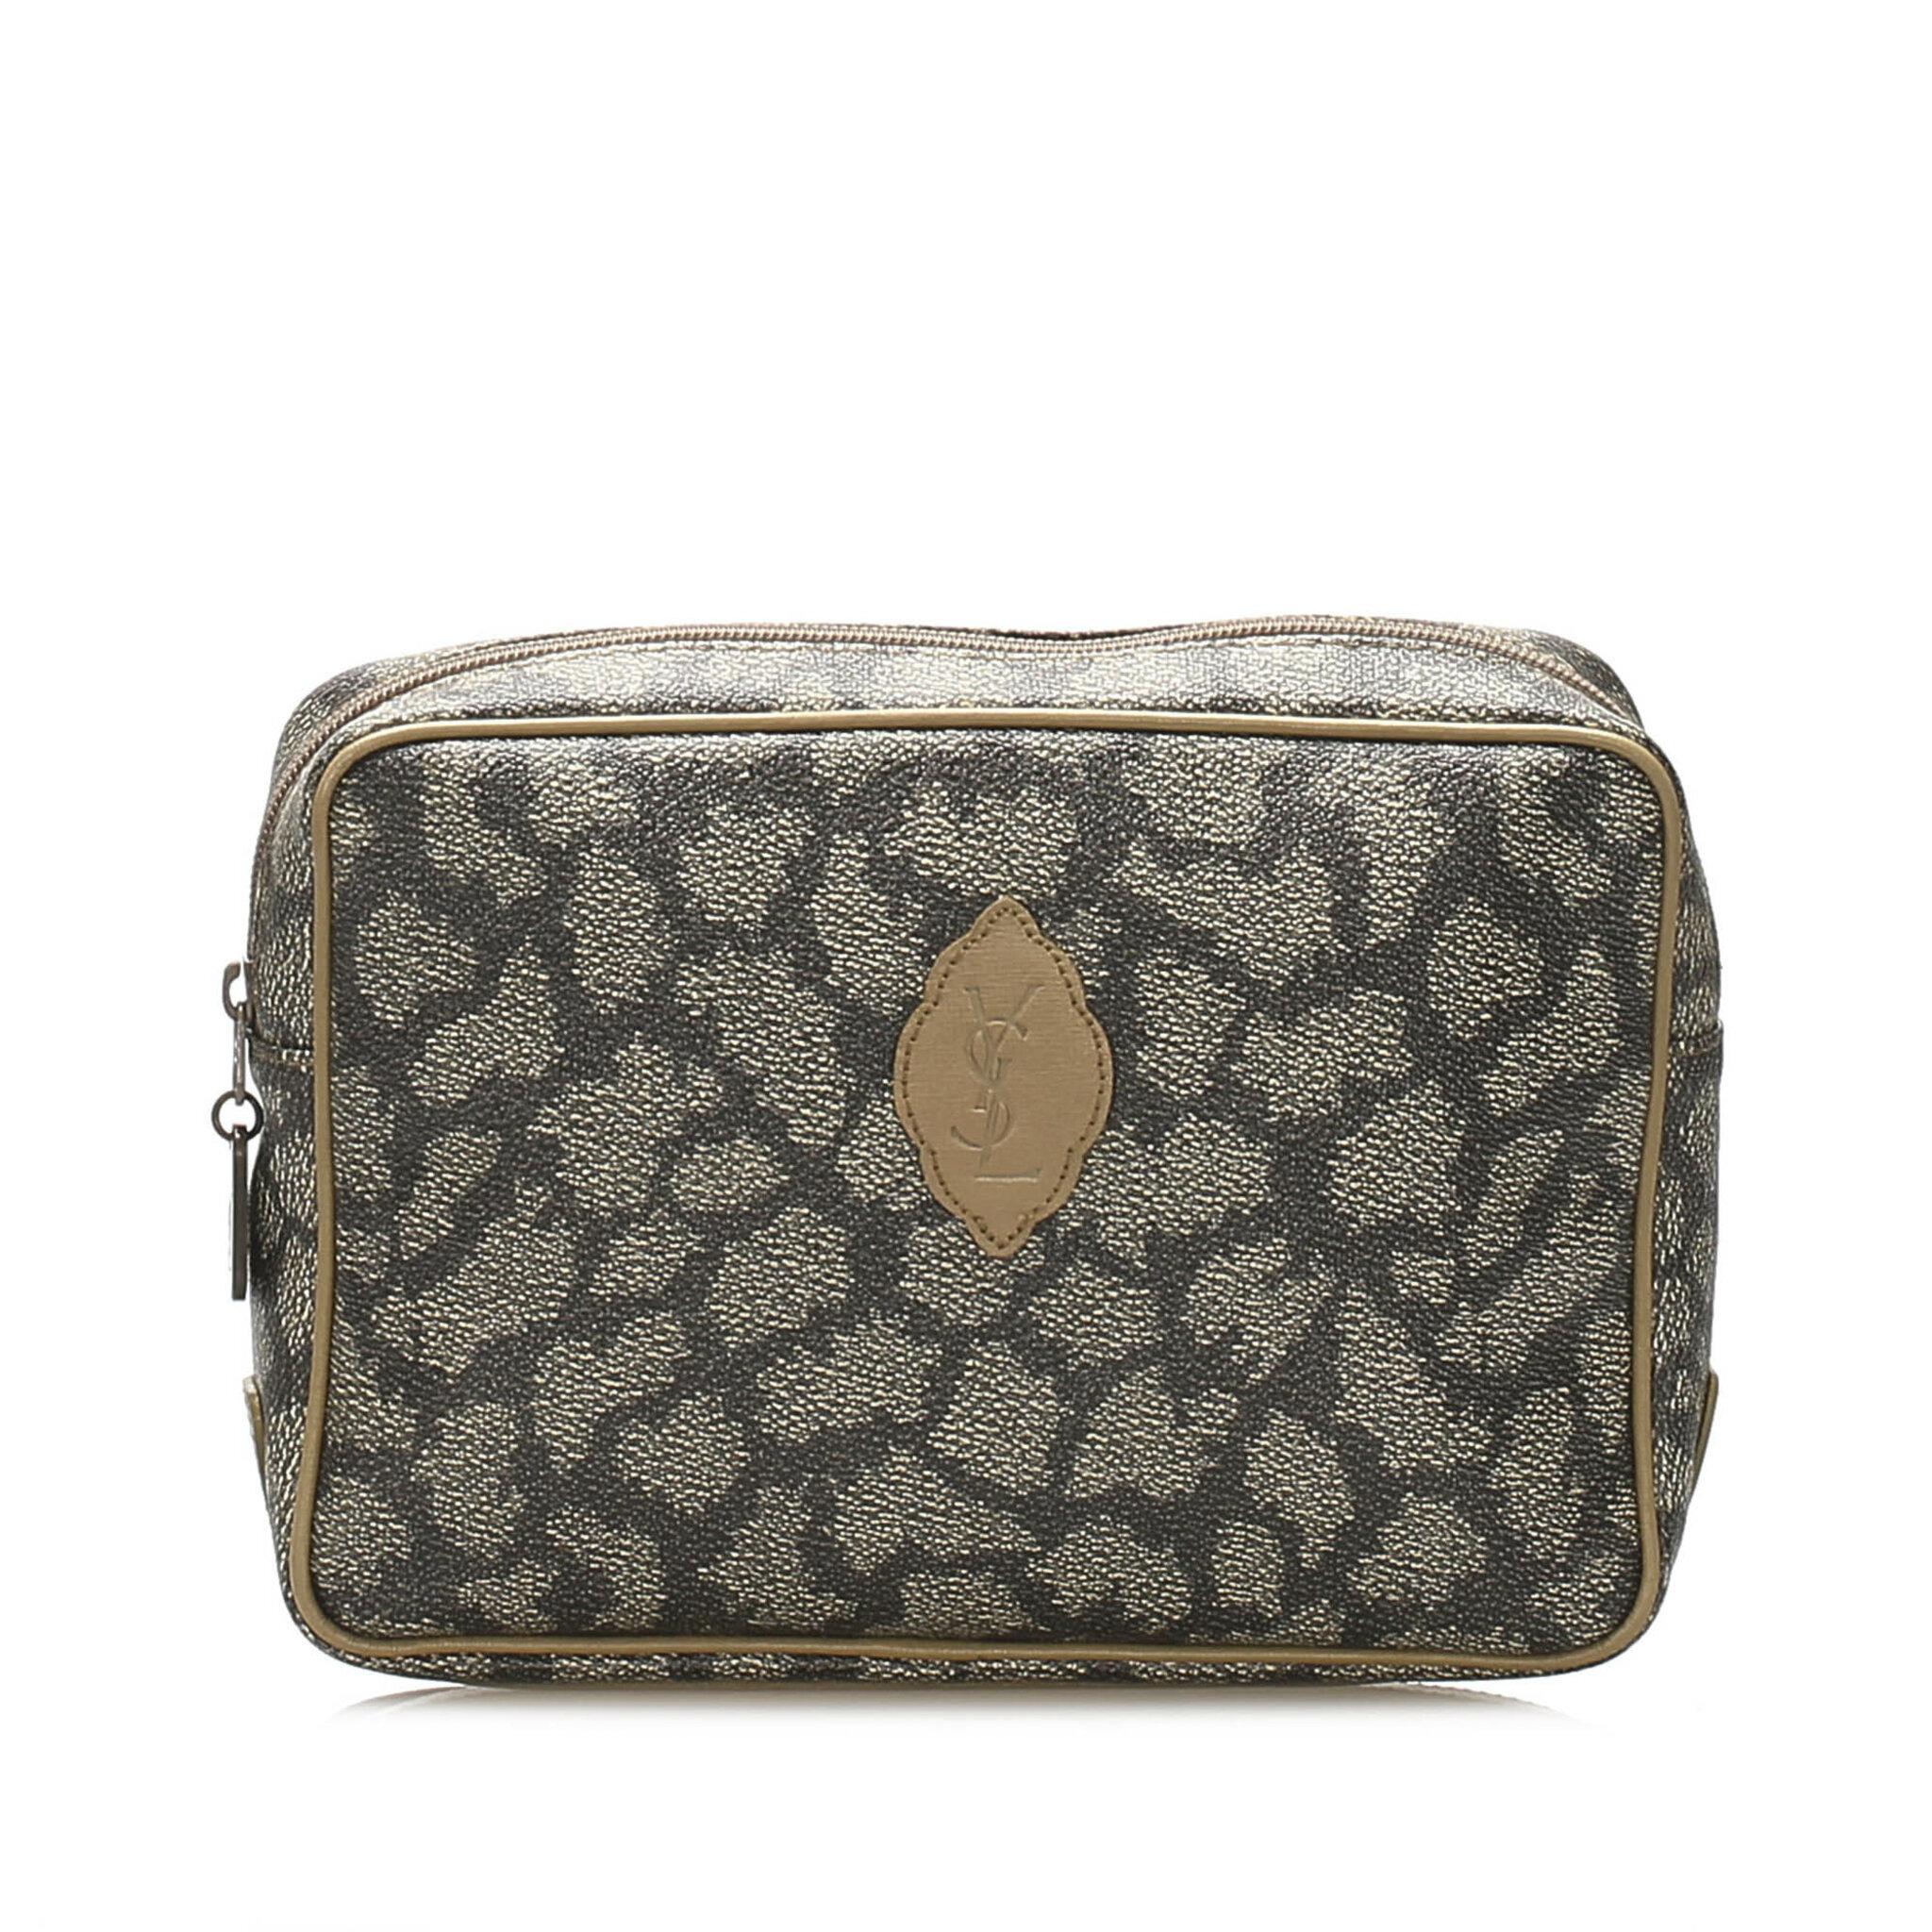 Ysl Printed Leather Clutch Bag